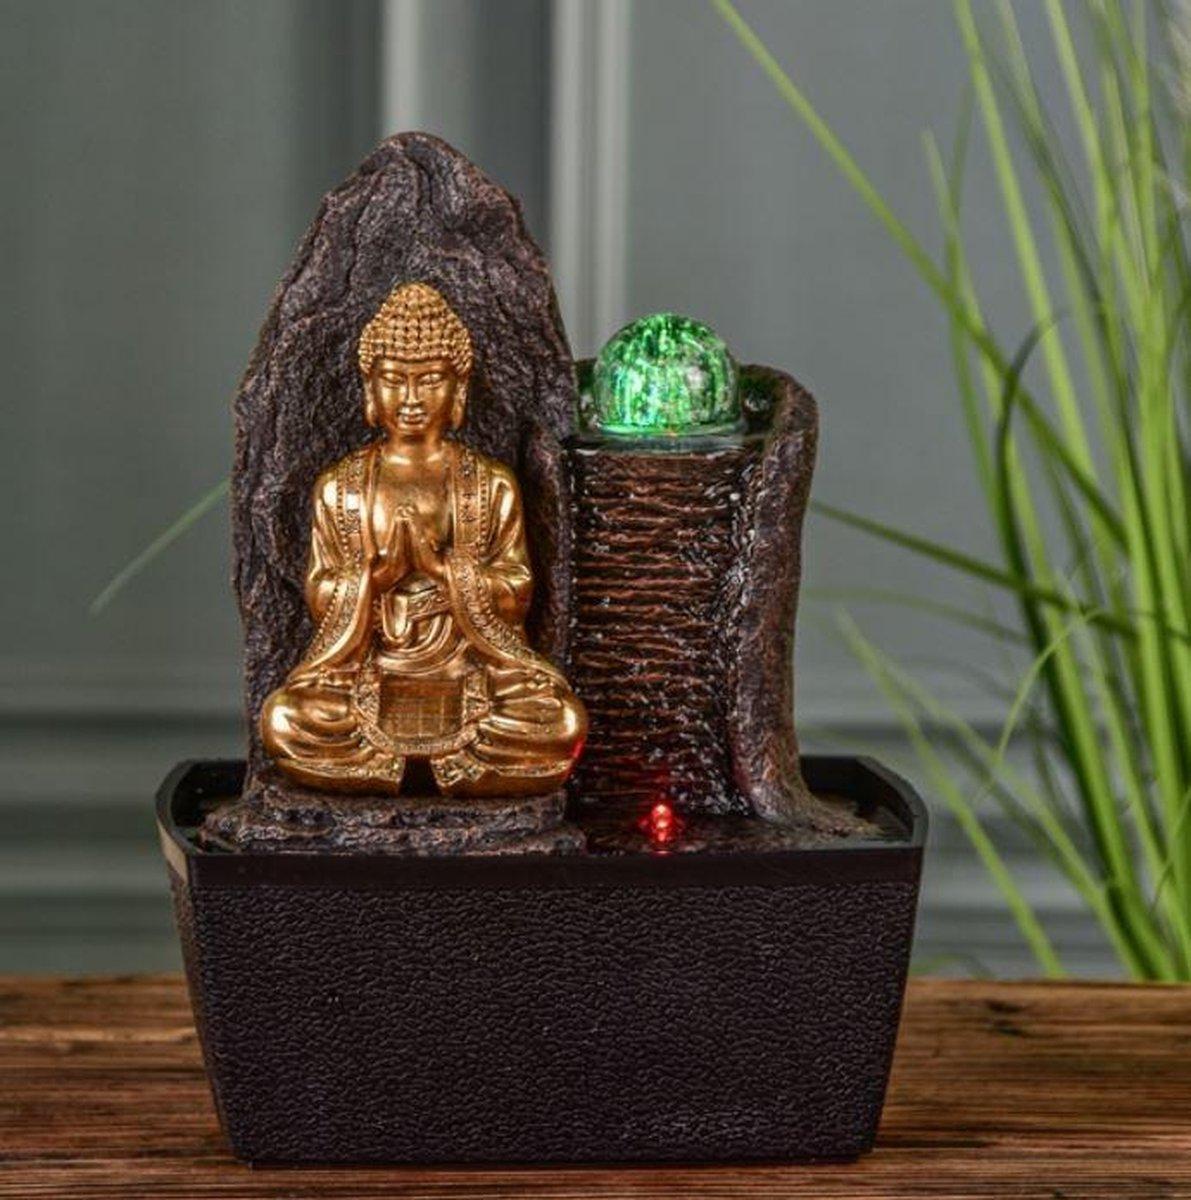 Boeddha Haka Relax - fontein - interieur - fontein voor binnen - relaxeer - zen - waterornament - cadeau , geschenk - relatiegeschenk - origineel - lente - zomer - lentecollectie - zomercollectie - afkoeling - koelte